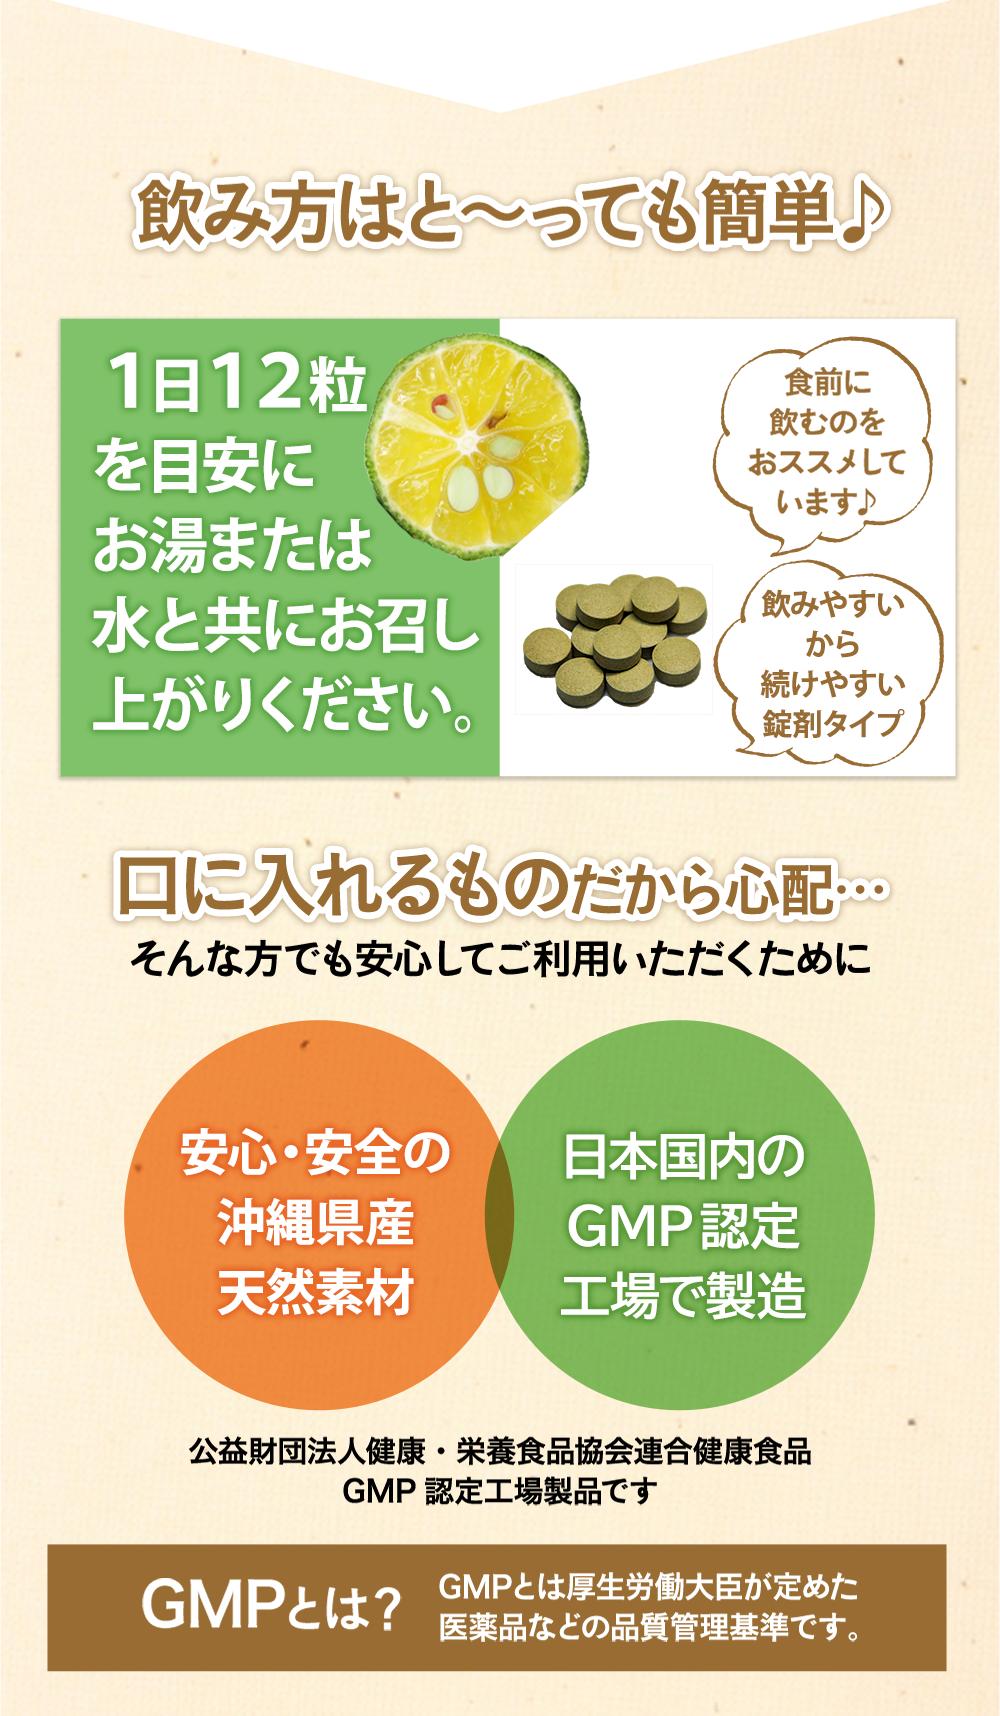 飲み方はと~っても簡単。1日2回を目安にお湯または水と共に飲んでください。食前に飲むのをおススメしています。気軽に持ち運べるスティック顆粒タイプ。口に入れるものだから心配・・・そんな方でも安心してご利用いただくために。安心安全の100%沖縄産素材。静岡県のGMP認定工場で製造。公益財団法人健康・栄養食品協会連合健康食品GMP認定工場製品です。GMPとは厚生労働大臣が定めた医薬品などの品質管理基準です。